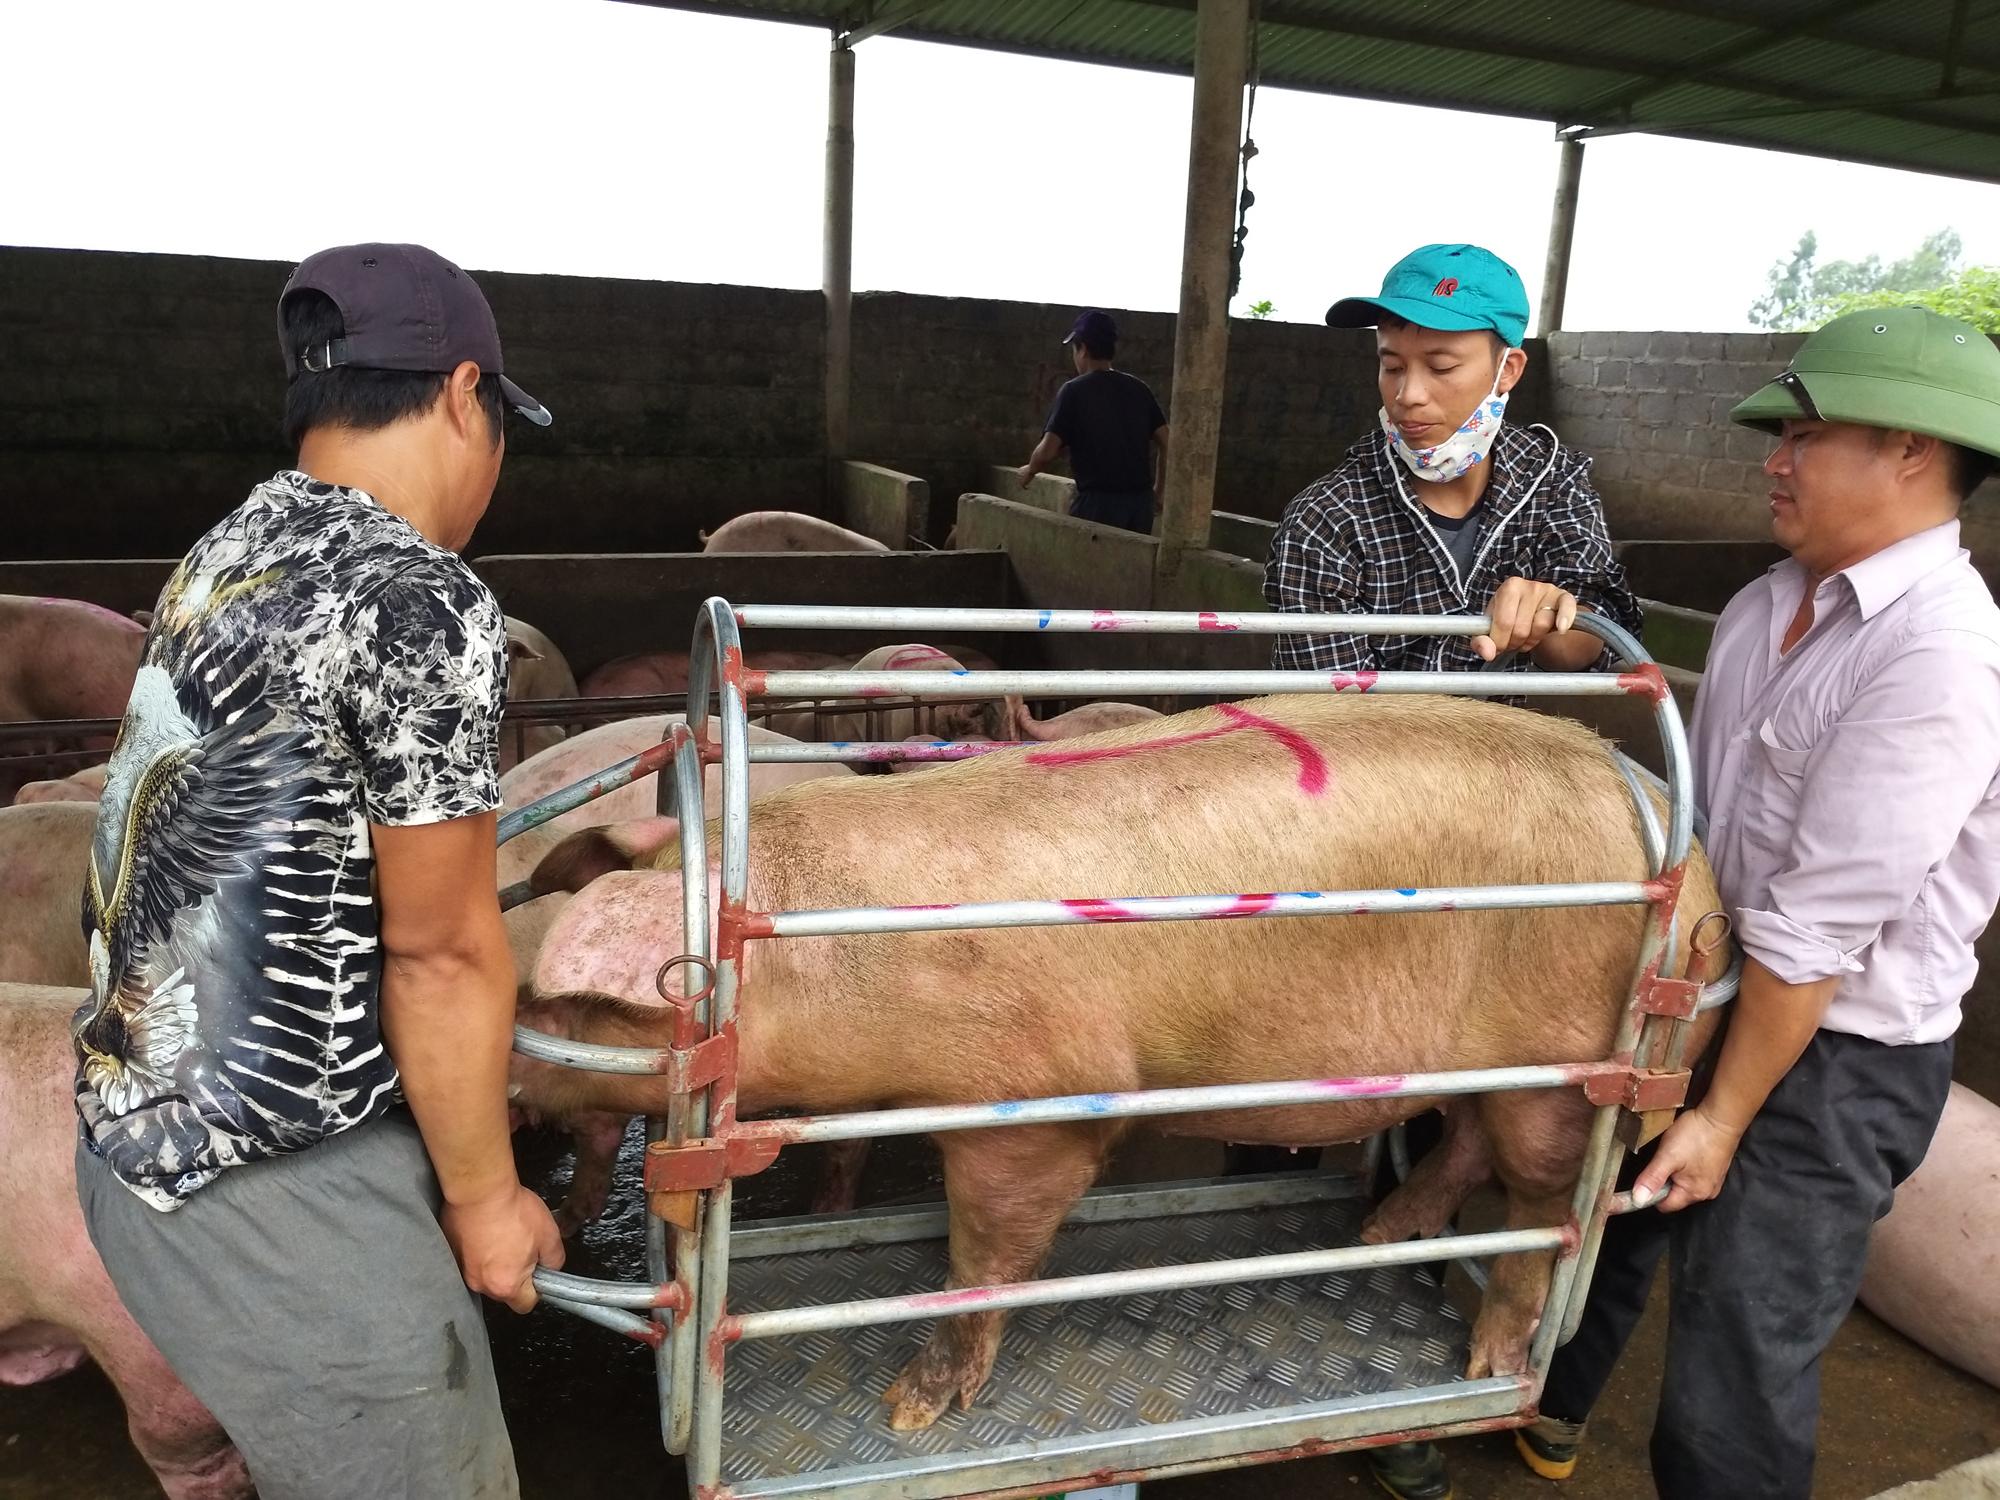 Nhập khẩu thịt lợn tăng 404%, giá lợn hơi chạm đáy, Hội Chăn nuôi Việt Nam kiến nghị khẩn Thủ tướng - Ảnh 4.